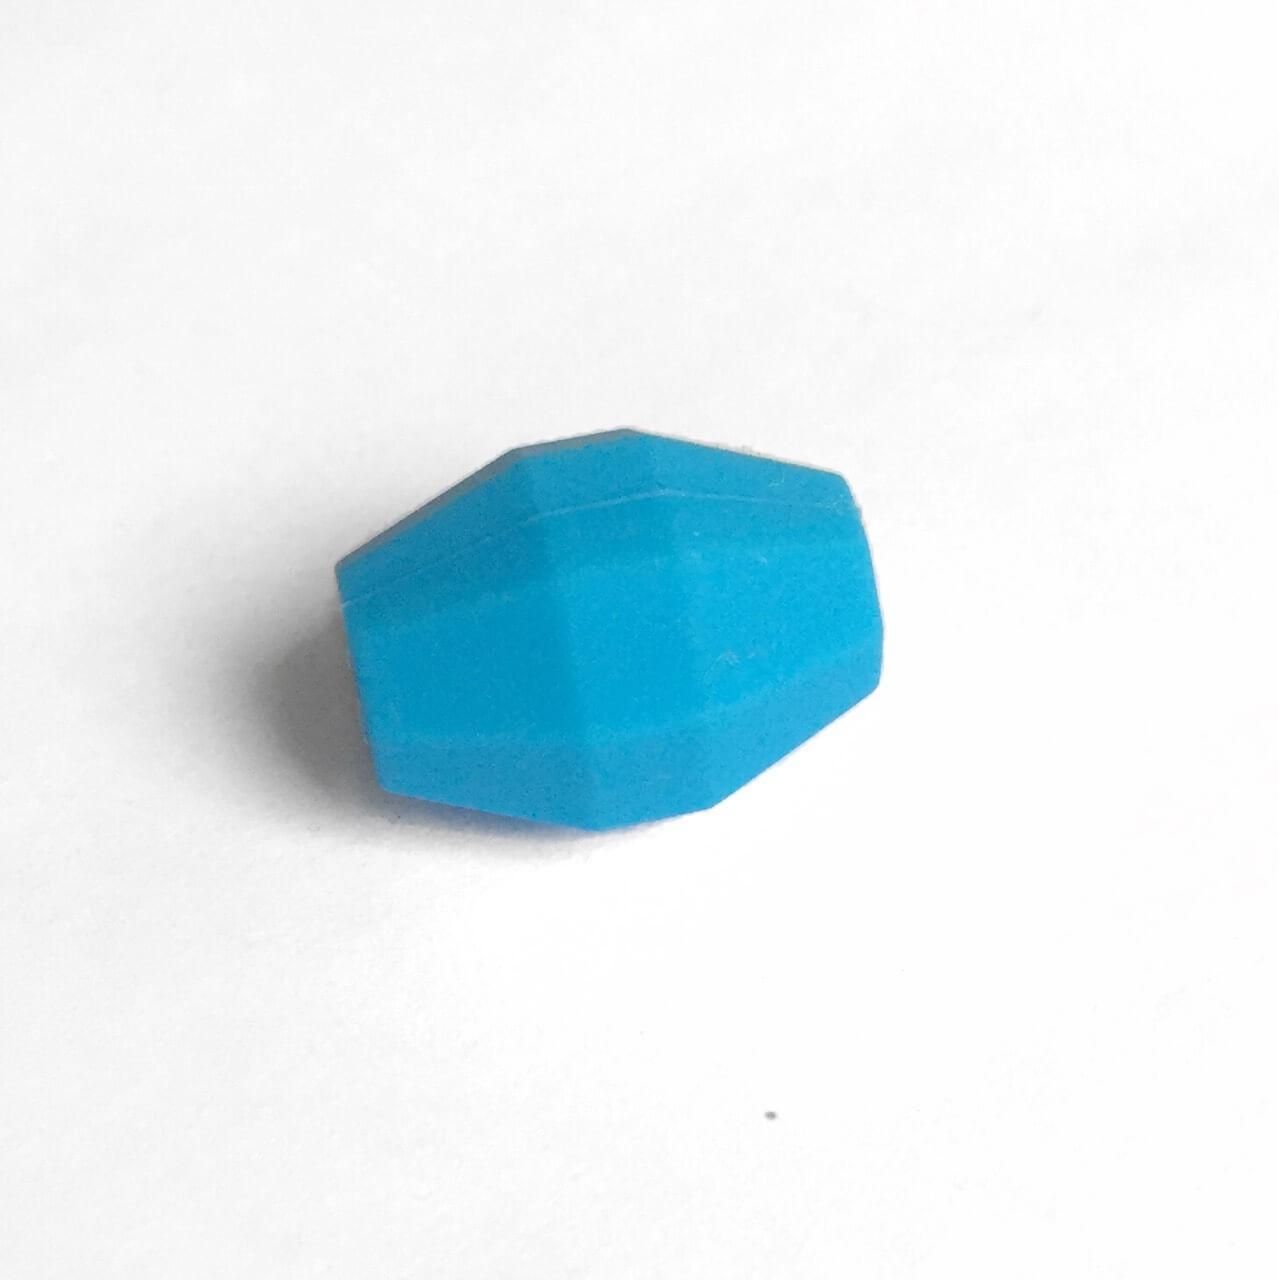 Бочка (голубой)  бусина из силикона